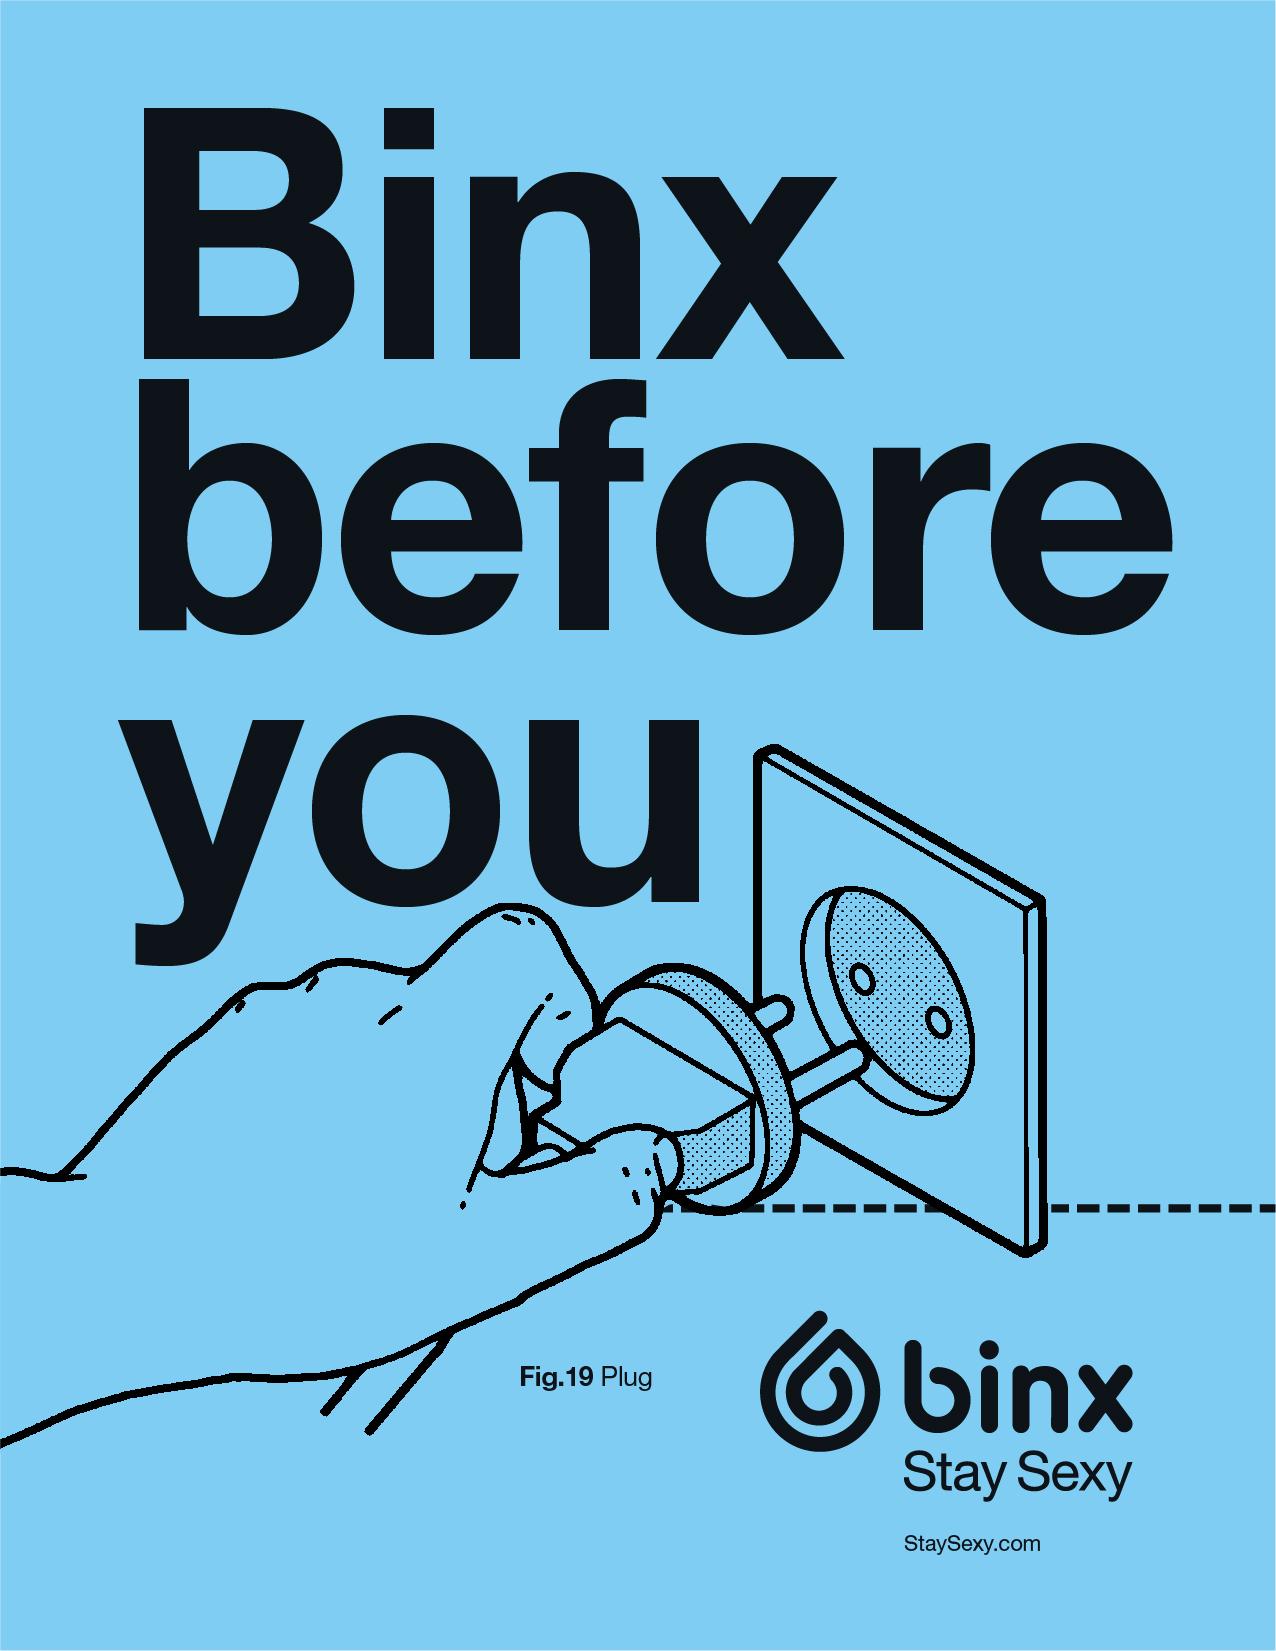 binx_flyers_2.jpg